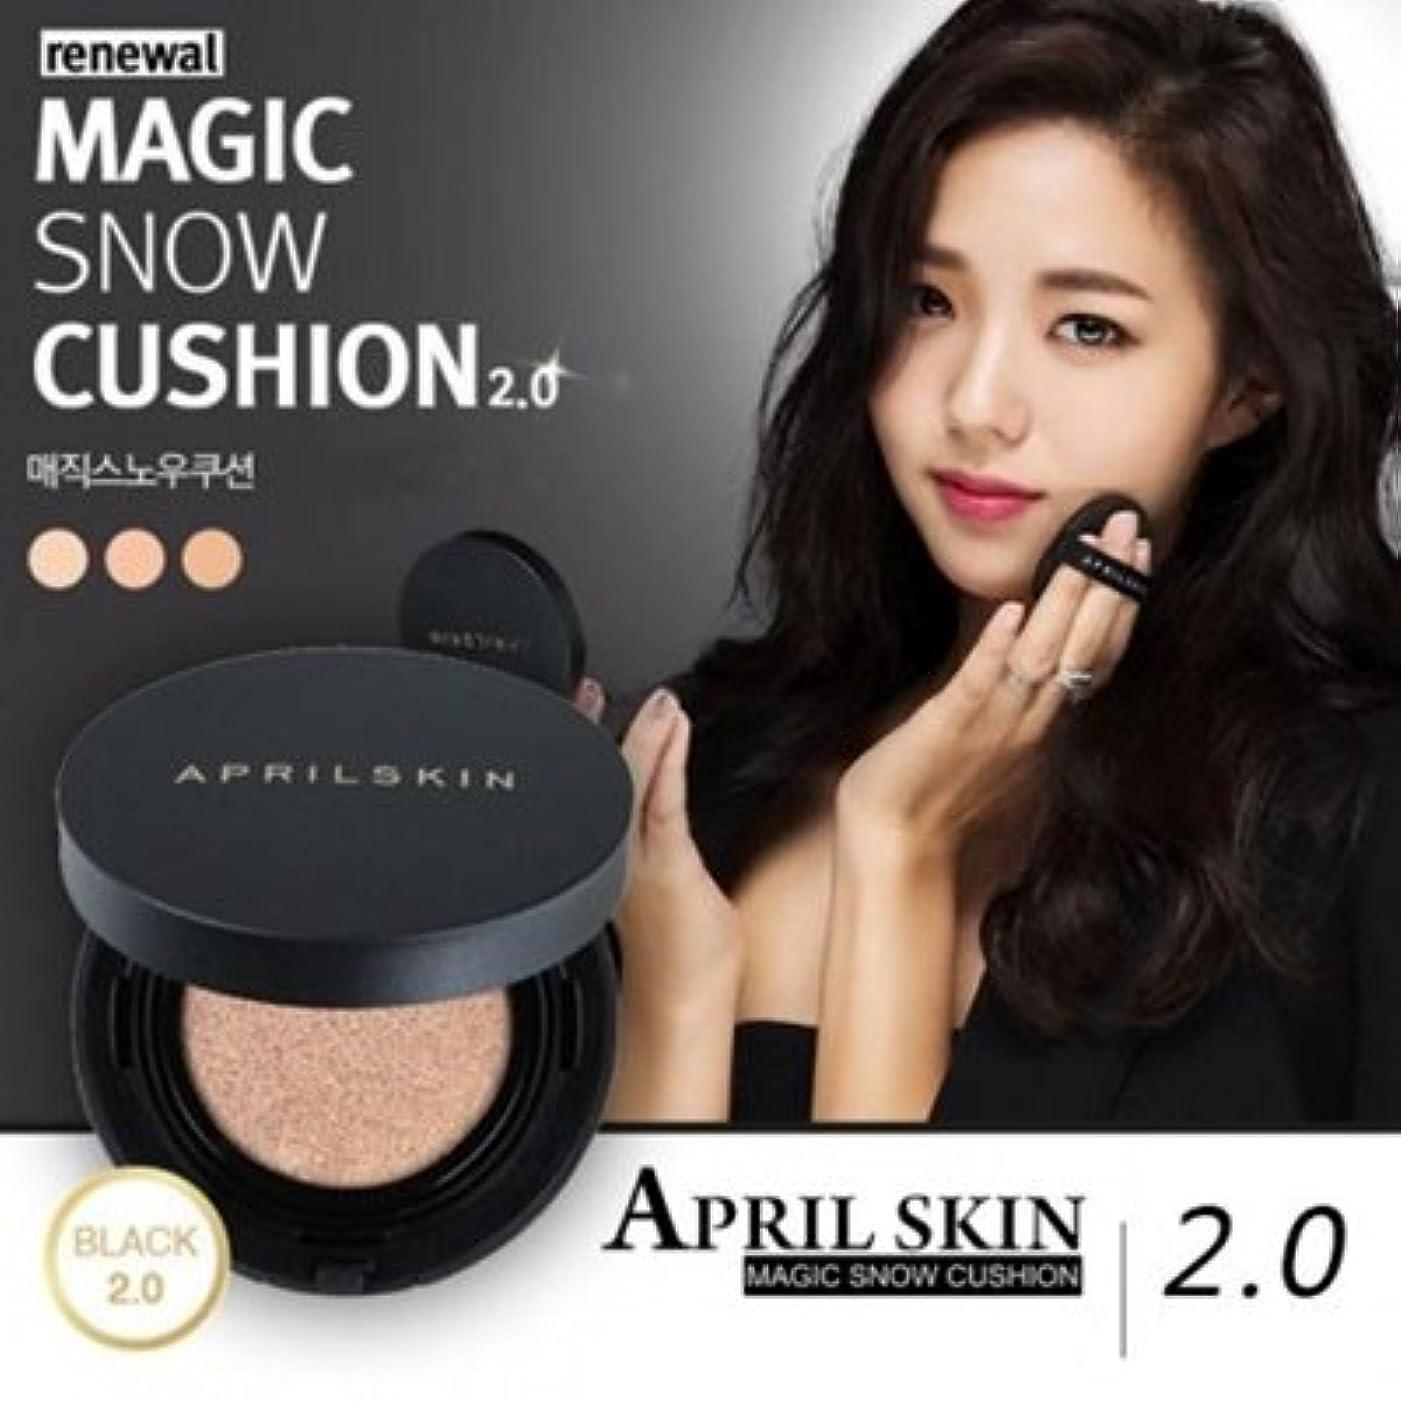 平野アソシエイトライブ[April Skin]韓国クッション部門1位!NEW!!★Magic Snow Cushion Black 2.0★/w Gift Sample (#22 Pink Beige) [並行輸入品]